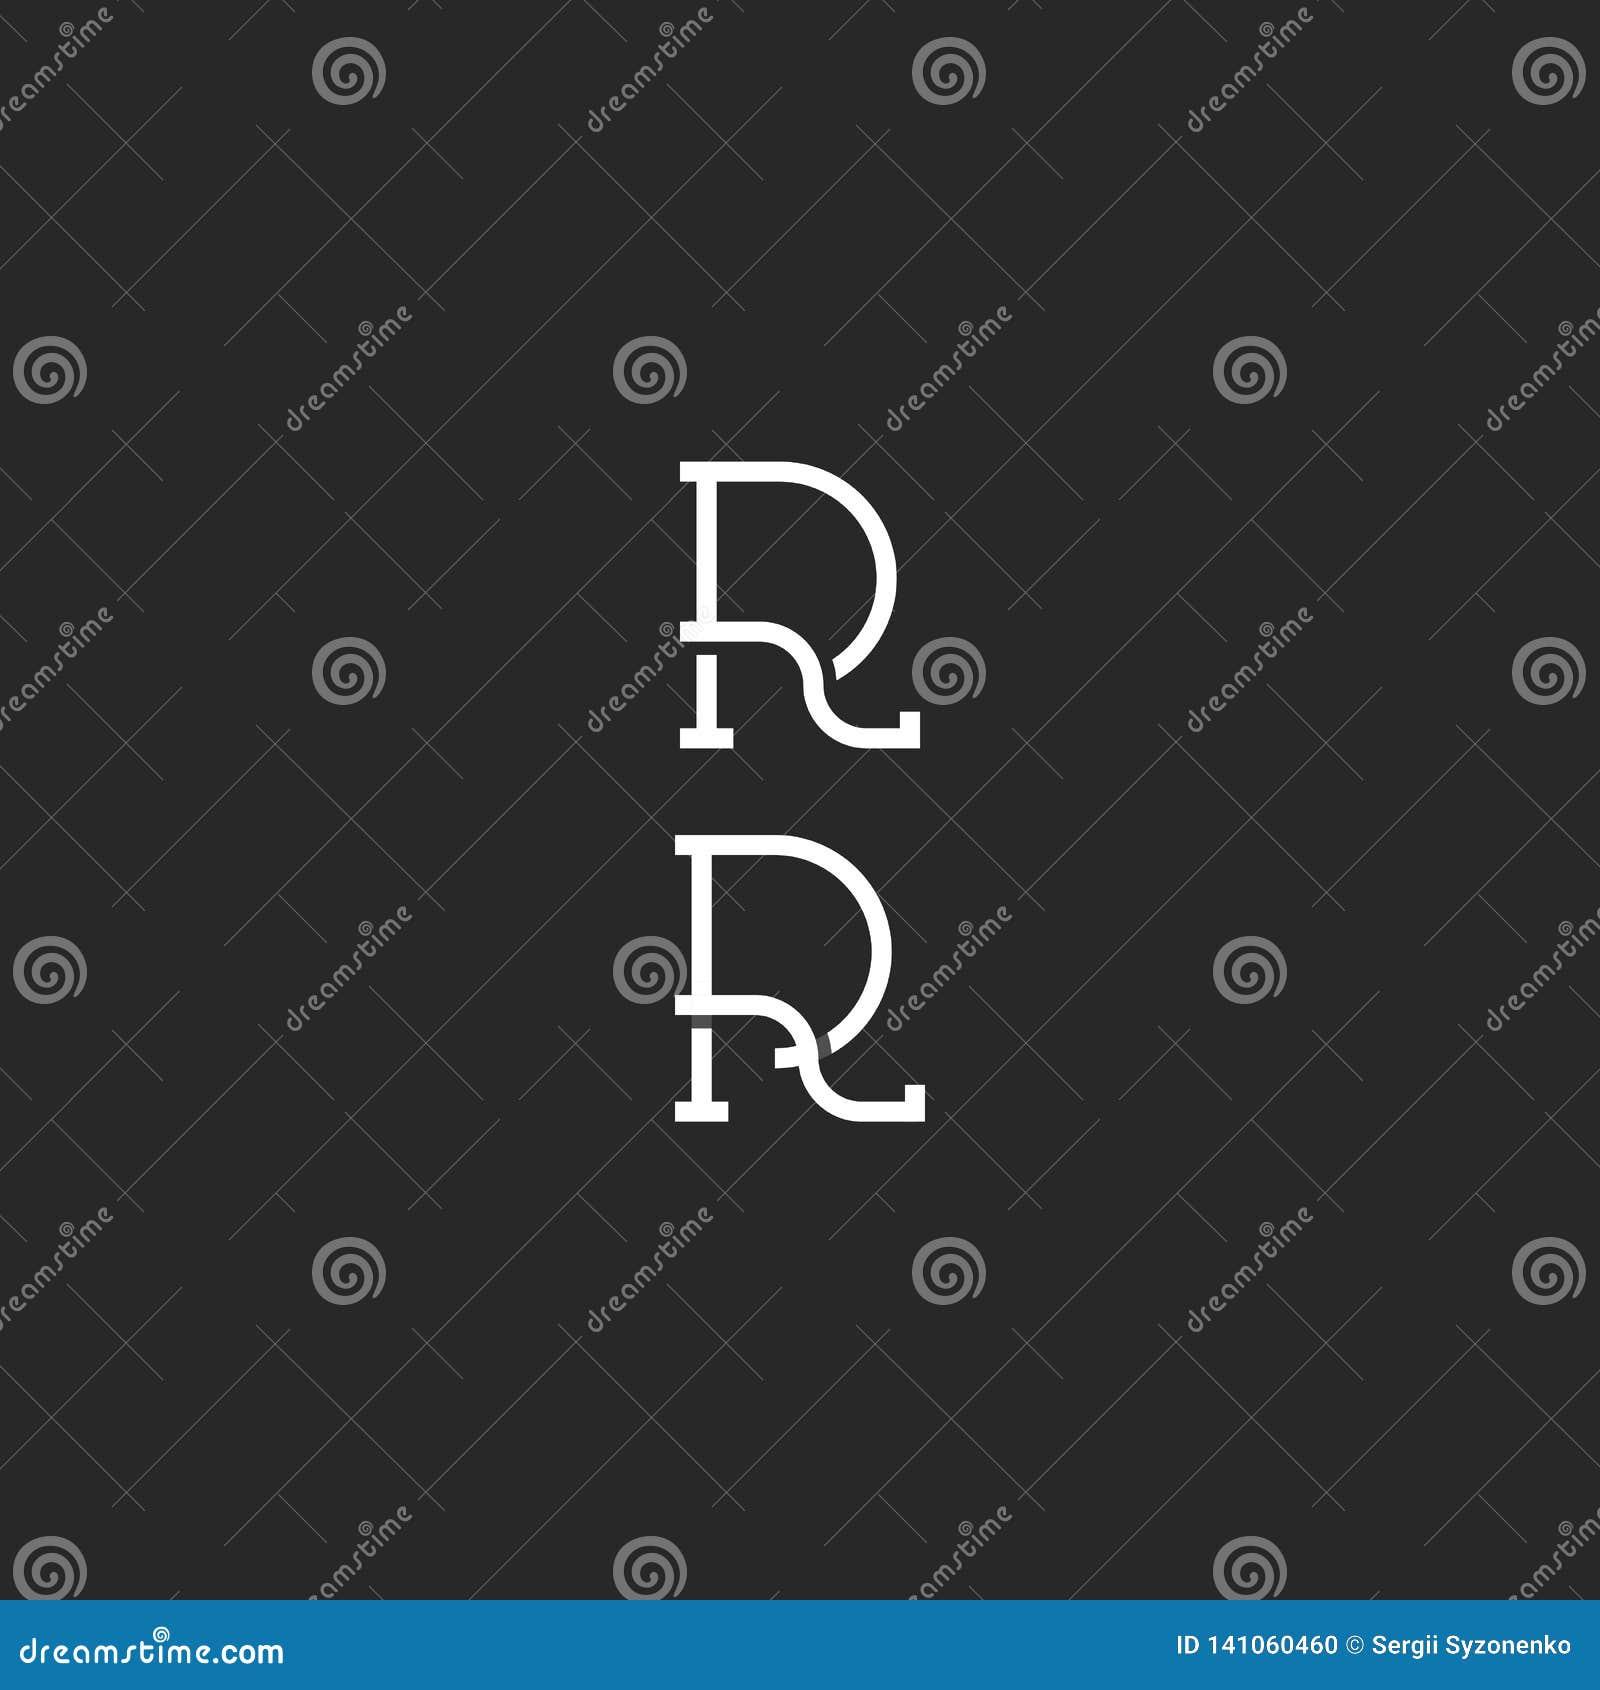 组合图案R商标黑白简单的行家标记,婚姻邀请象征大模型,交叉点稀薄的线的资本RR最初